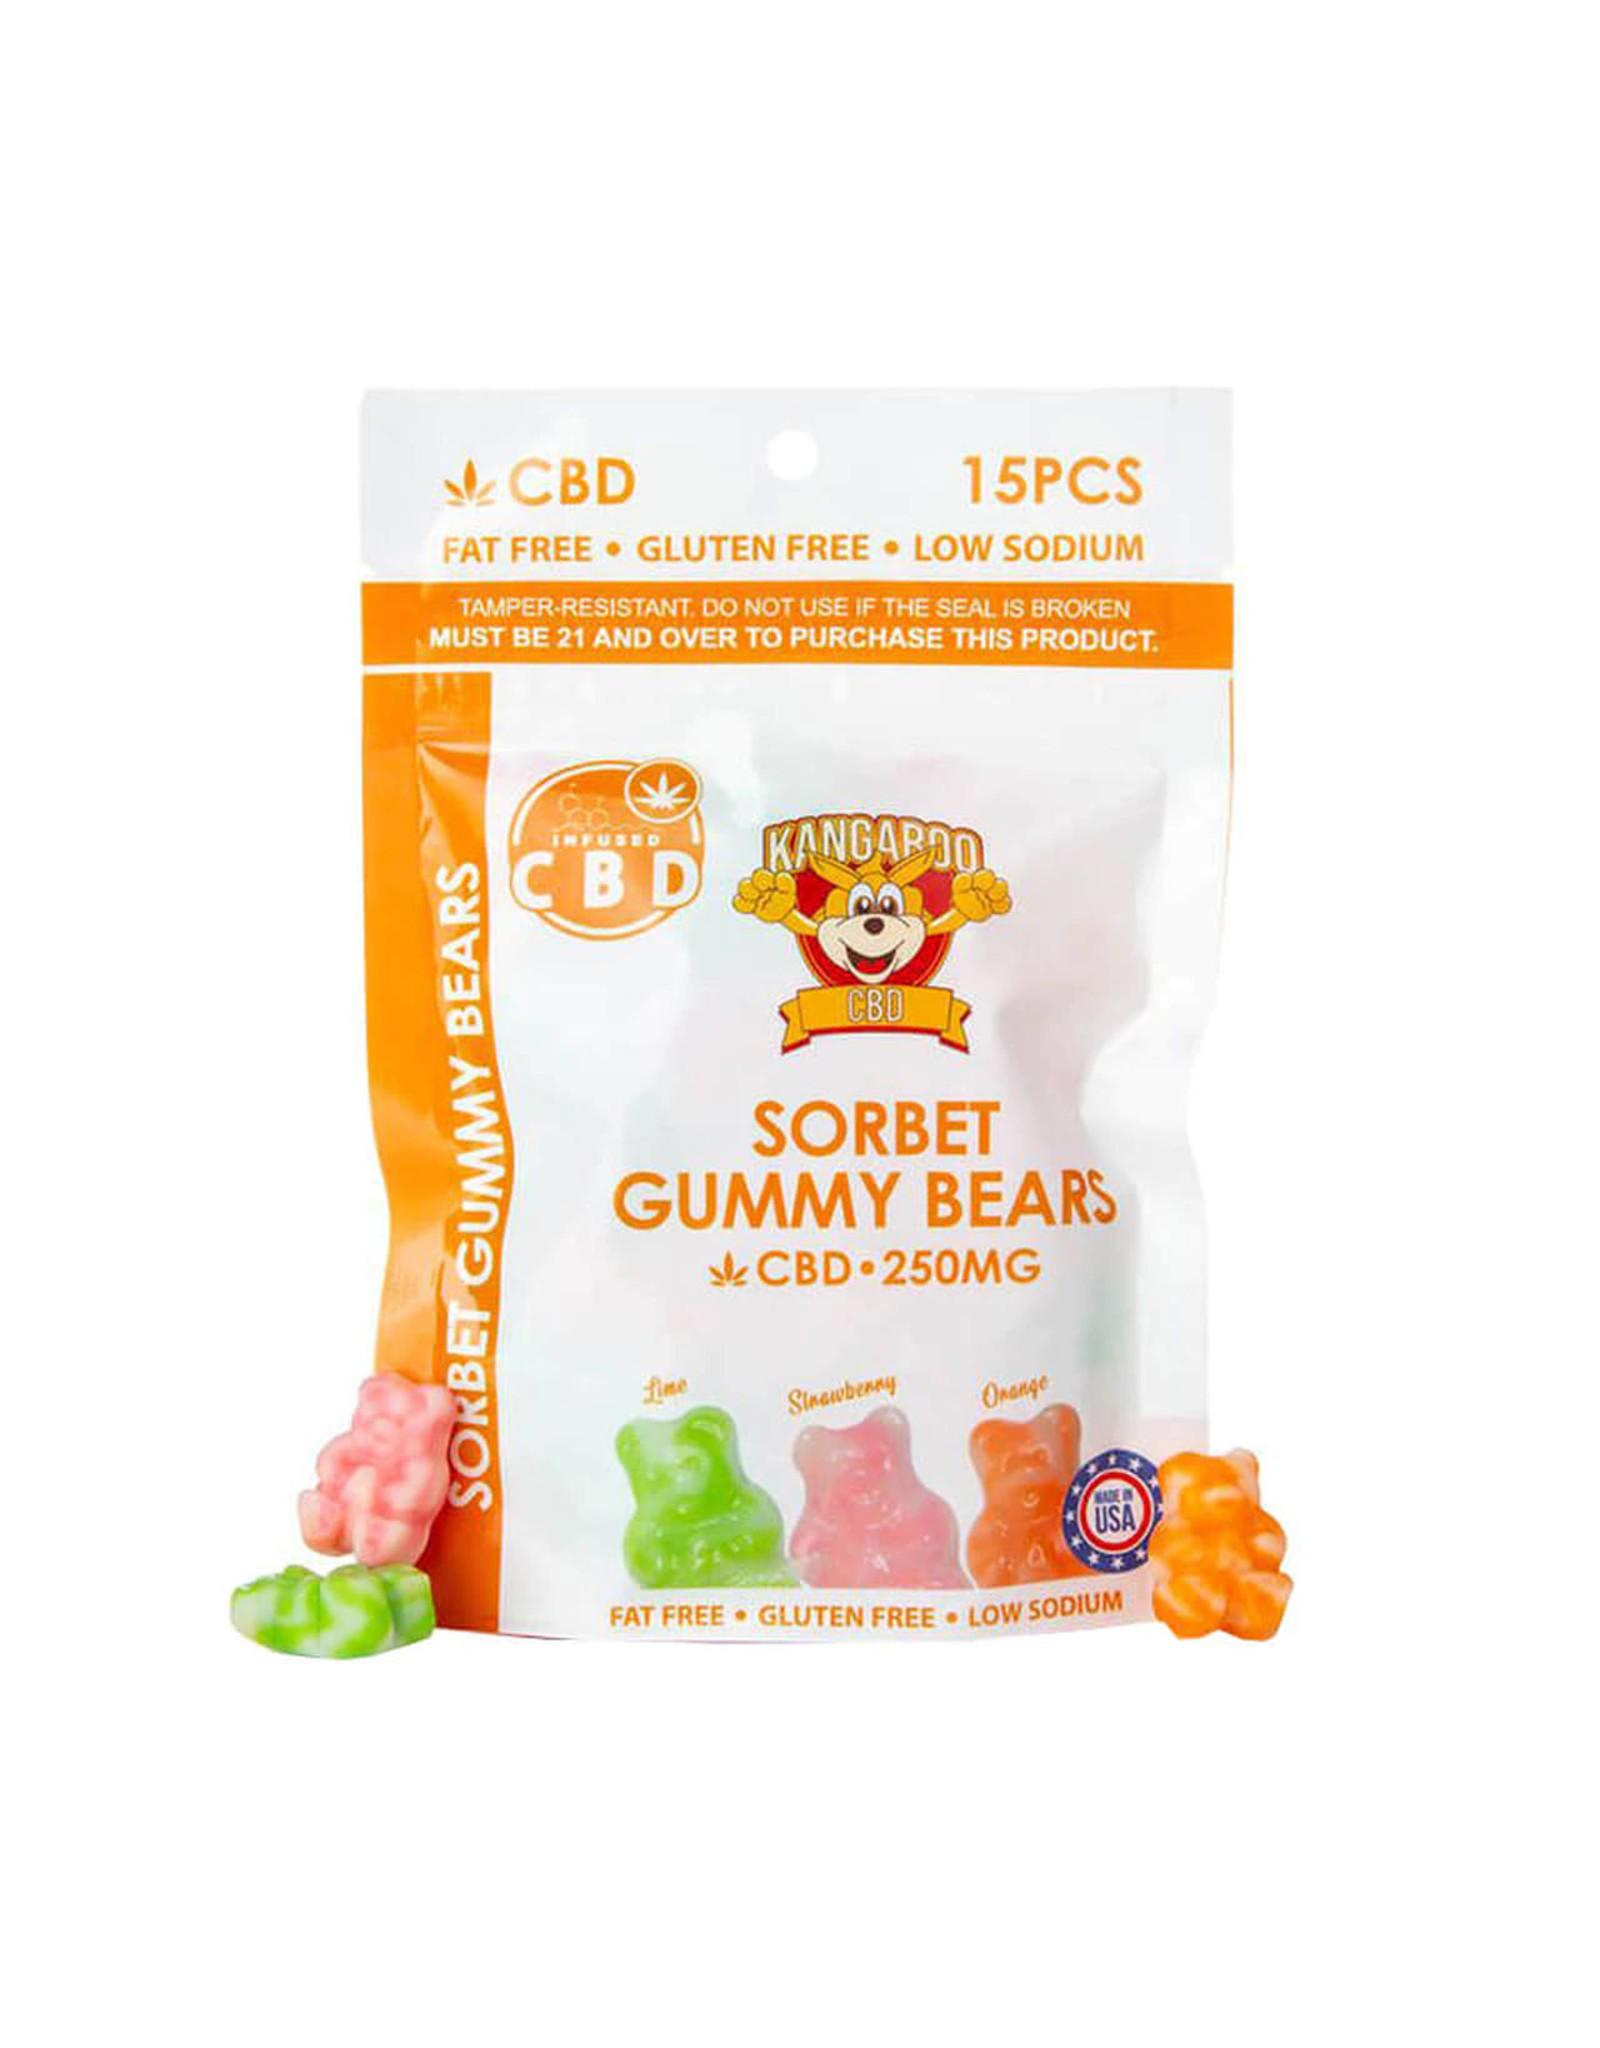 Kangaroo CBD Kangaroo CBD Sorbet Gummy Bears 250mg 15ct